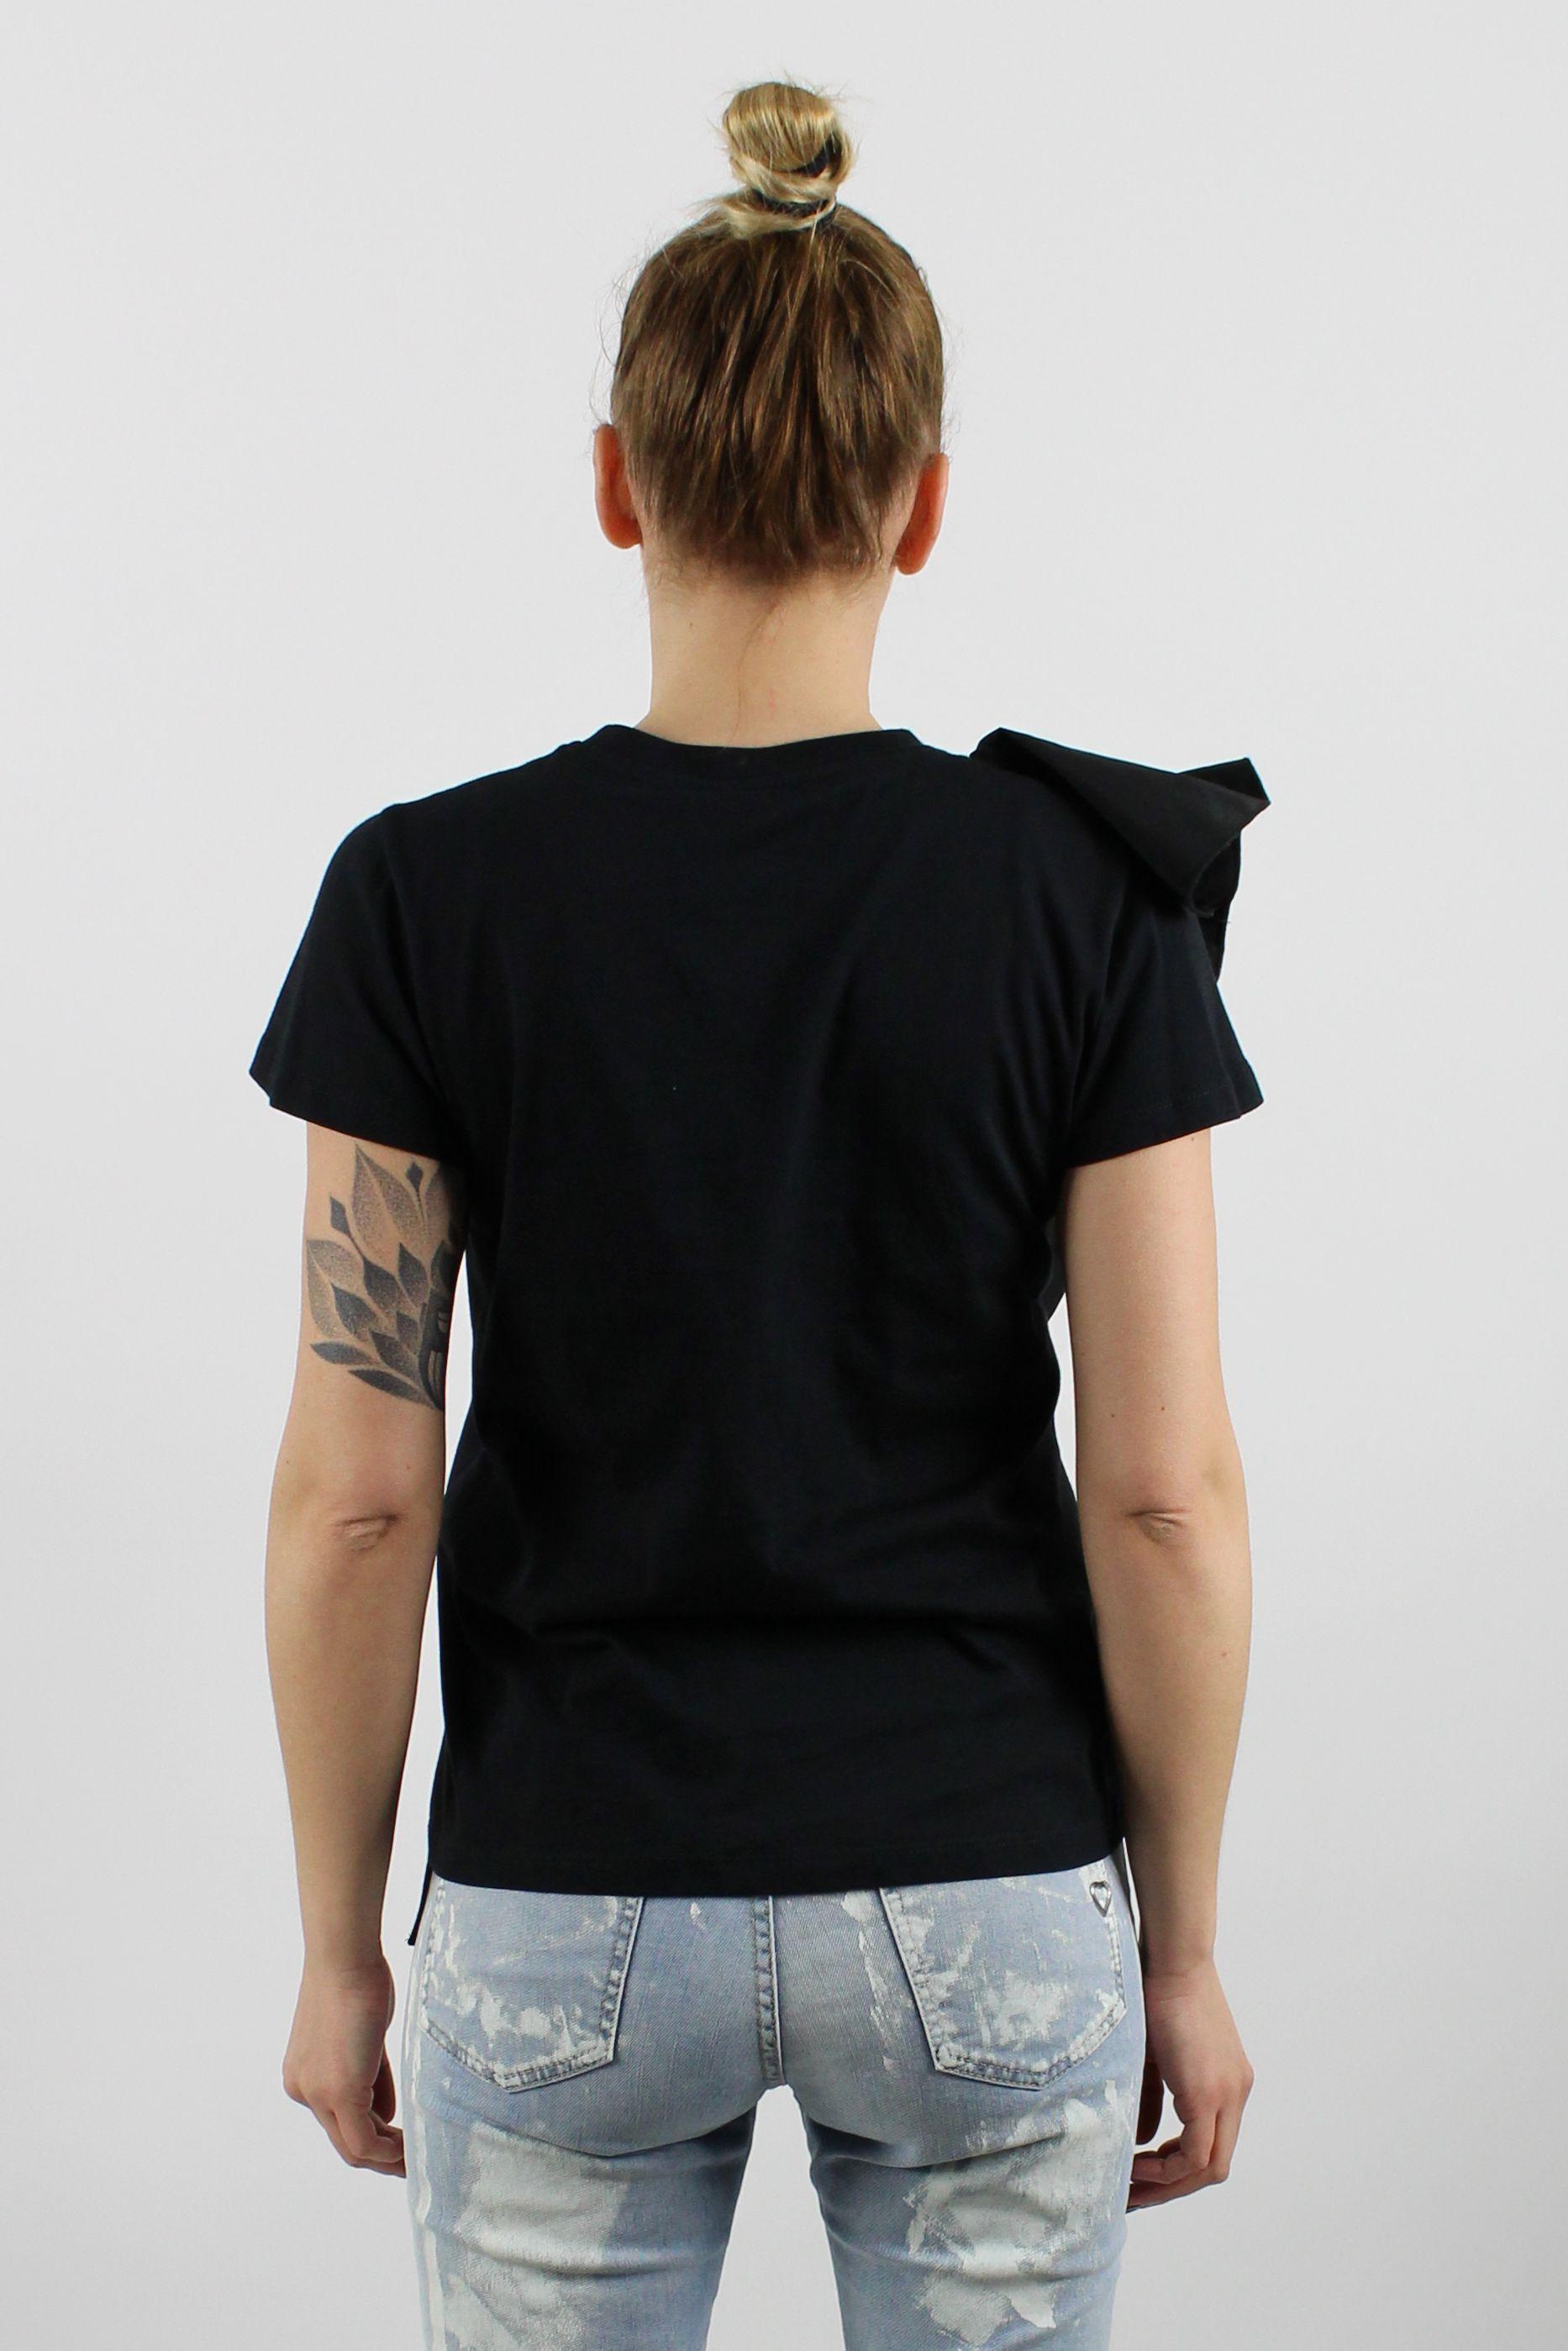 c70c9c2bfea Dámske tričko s volánom - Brands Made in Italy